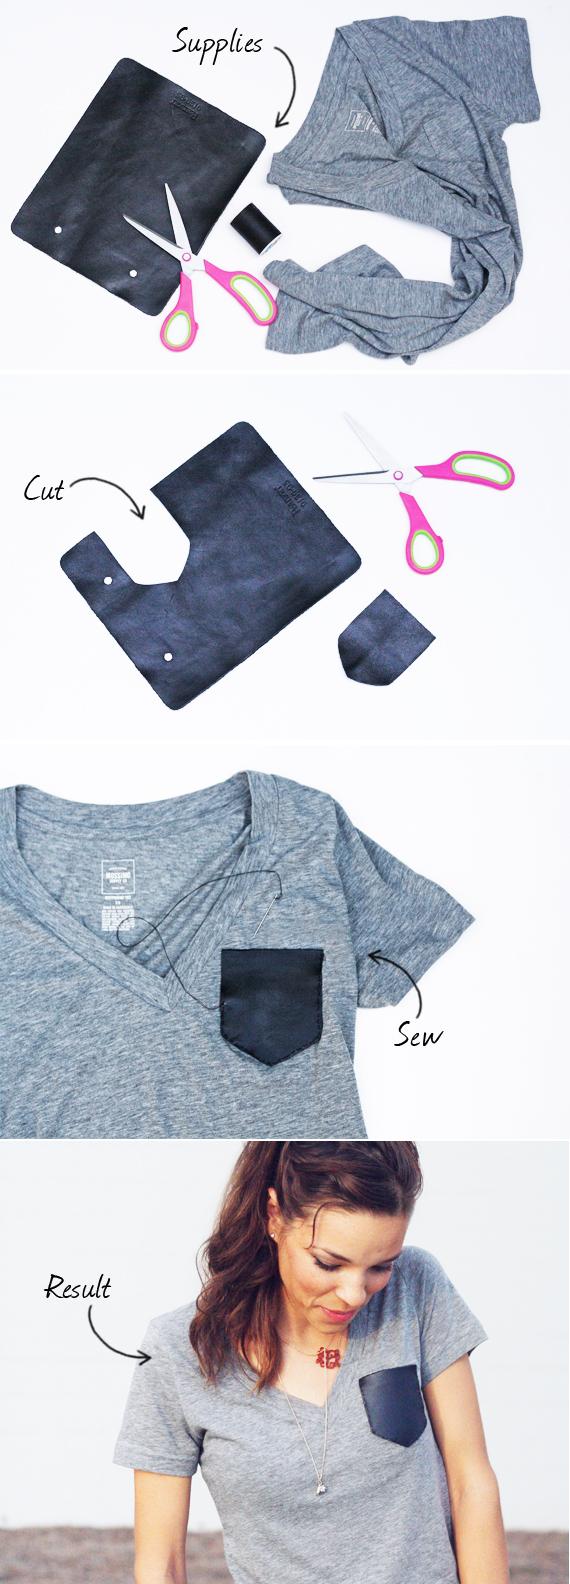 Camiseta básica con bolsillo de cuero